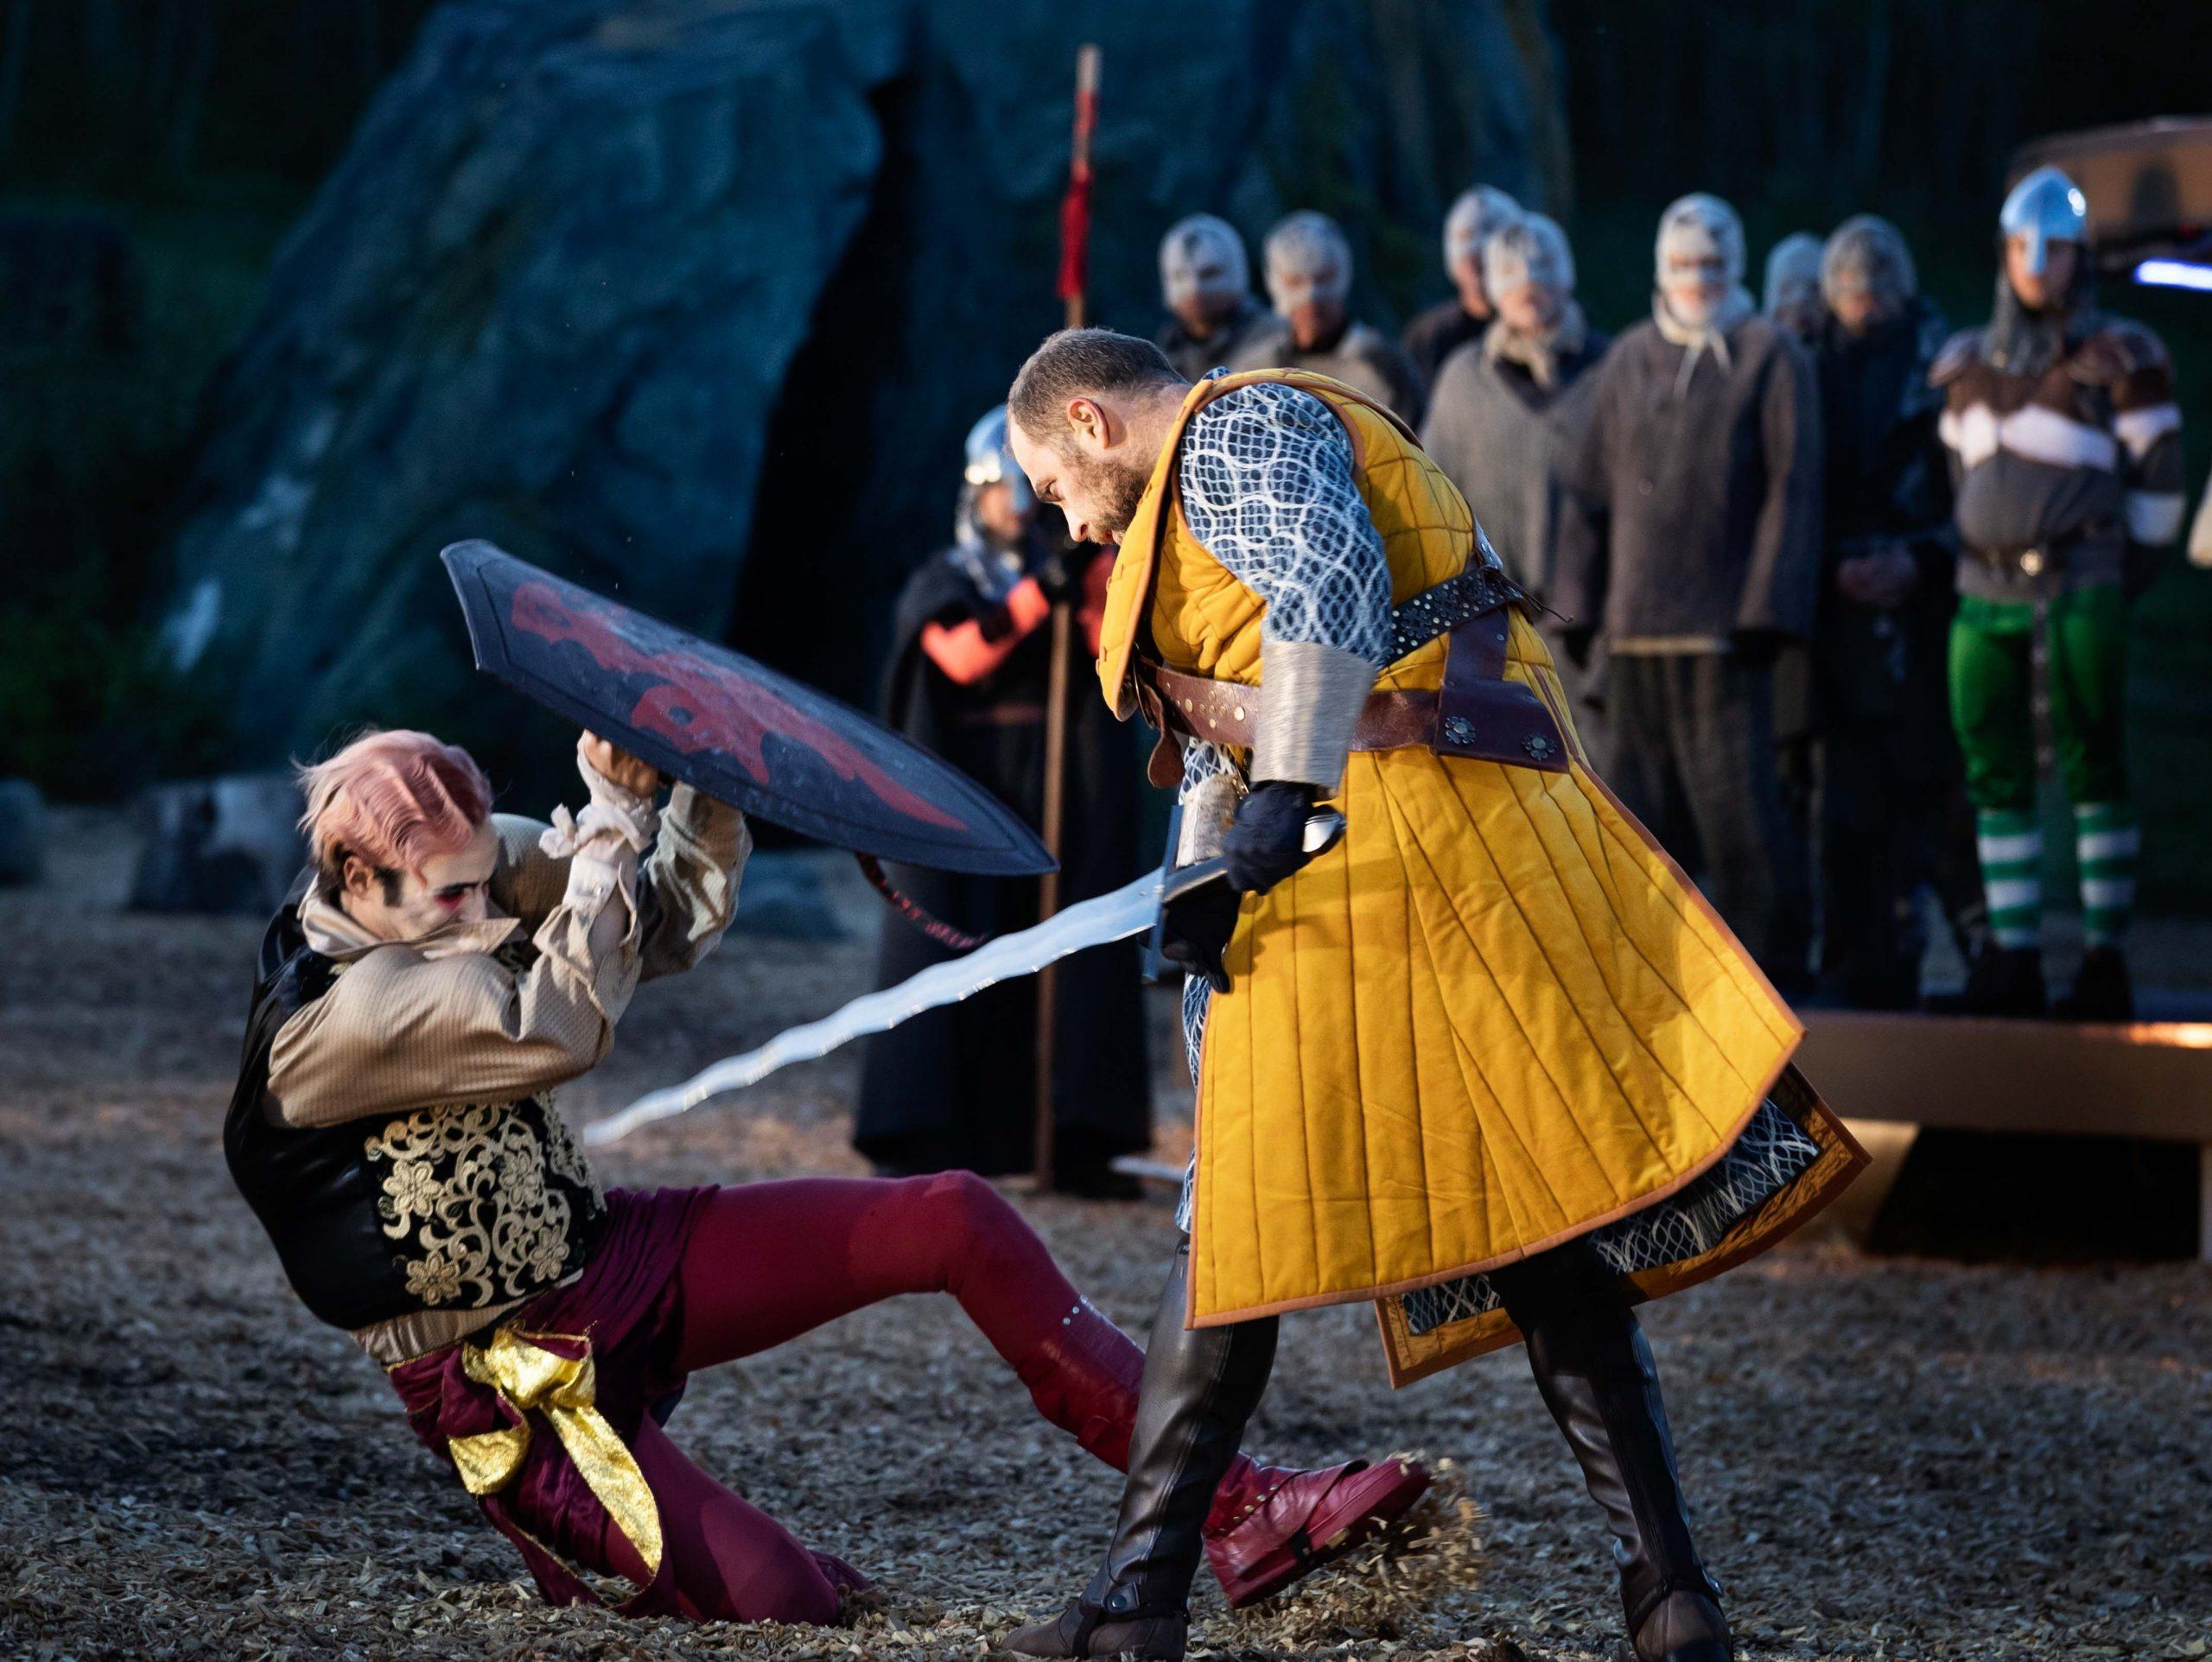 Anmeldelse: Kong Arthur var imponerende, flot og underholdende